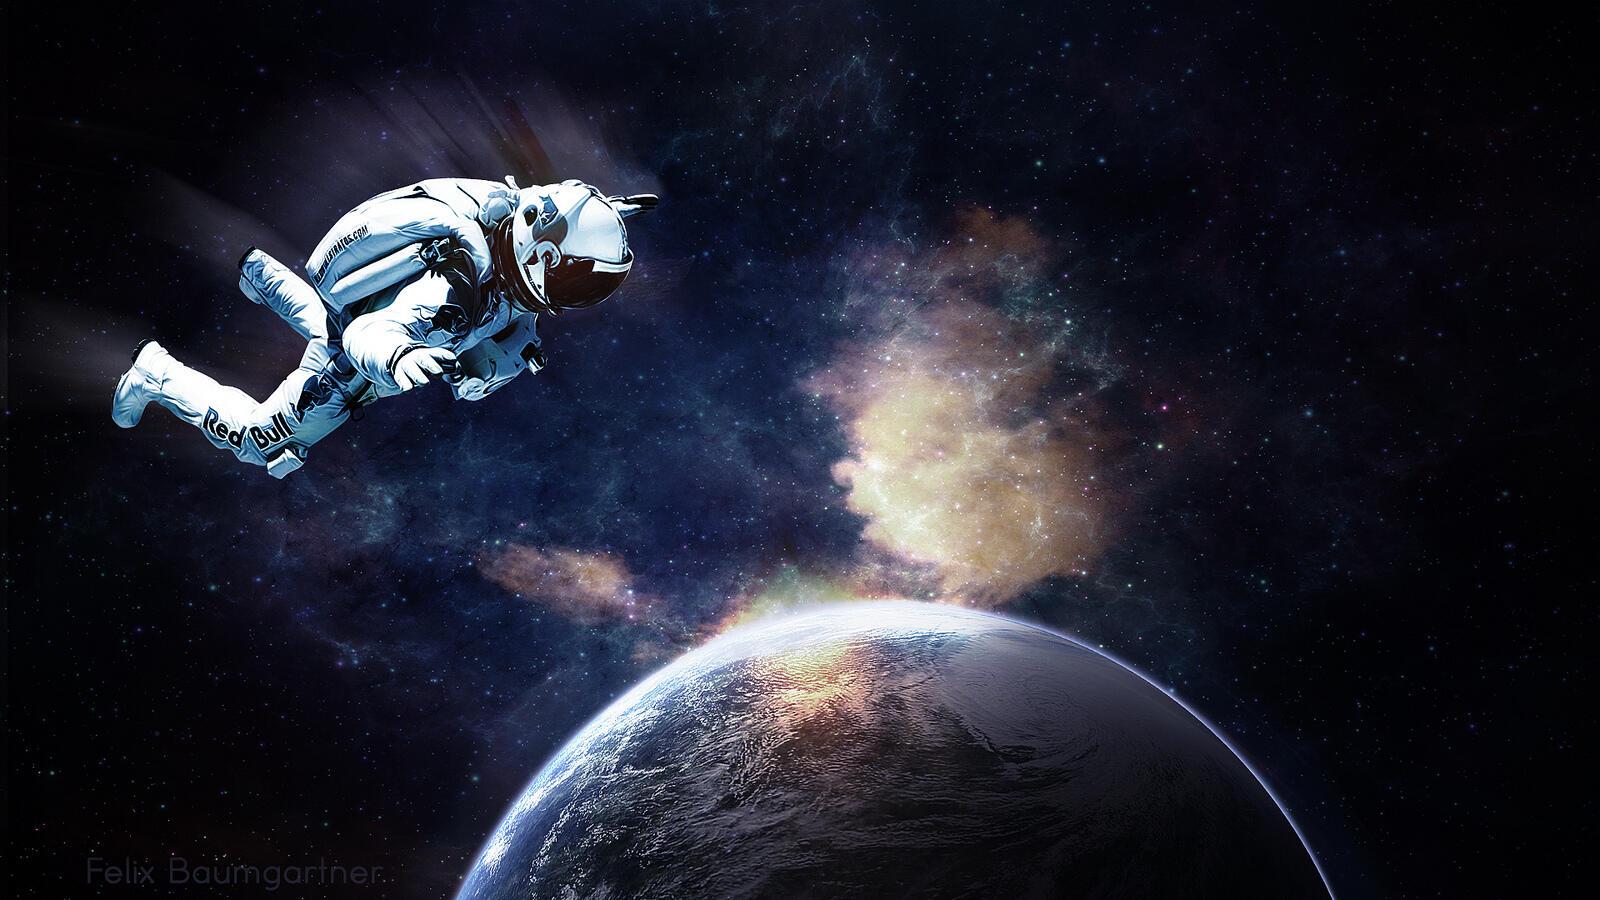 Cuales Son Los Cambios Fisiologicos Que Sufran Los Astronautas